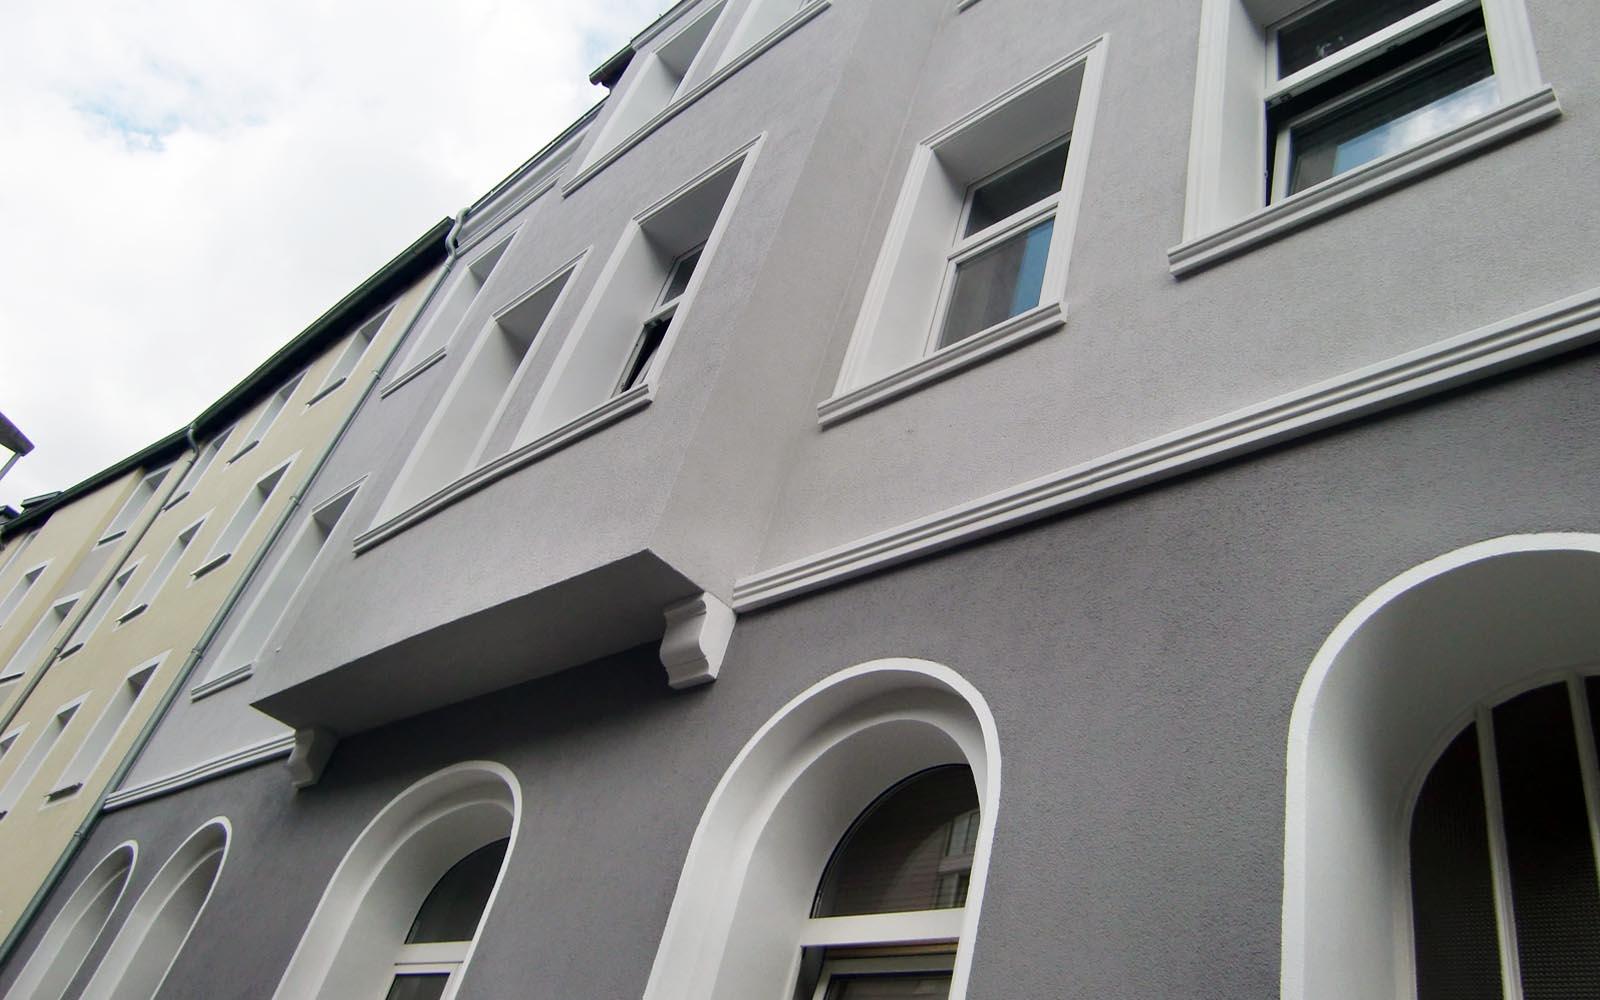 KUK_SteinwegClausArchitekten_Mehrfamilienhaus_Wärmeschutz_Sanierung_Muenster_00007